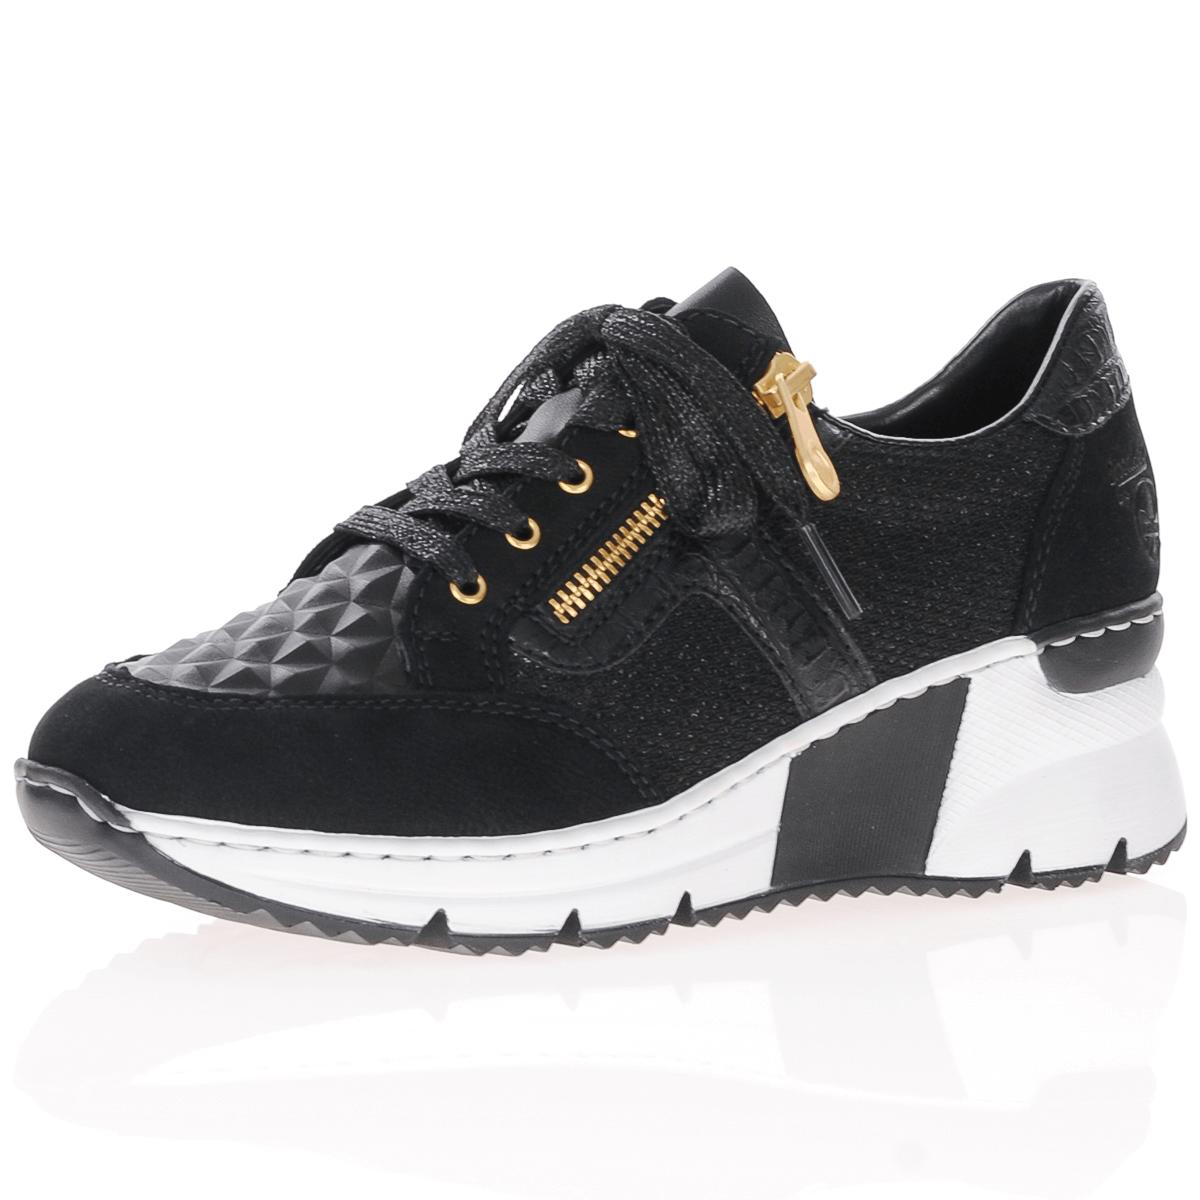 Rieker sko sort og gull